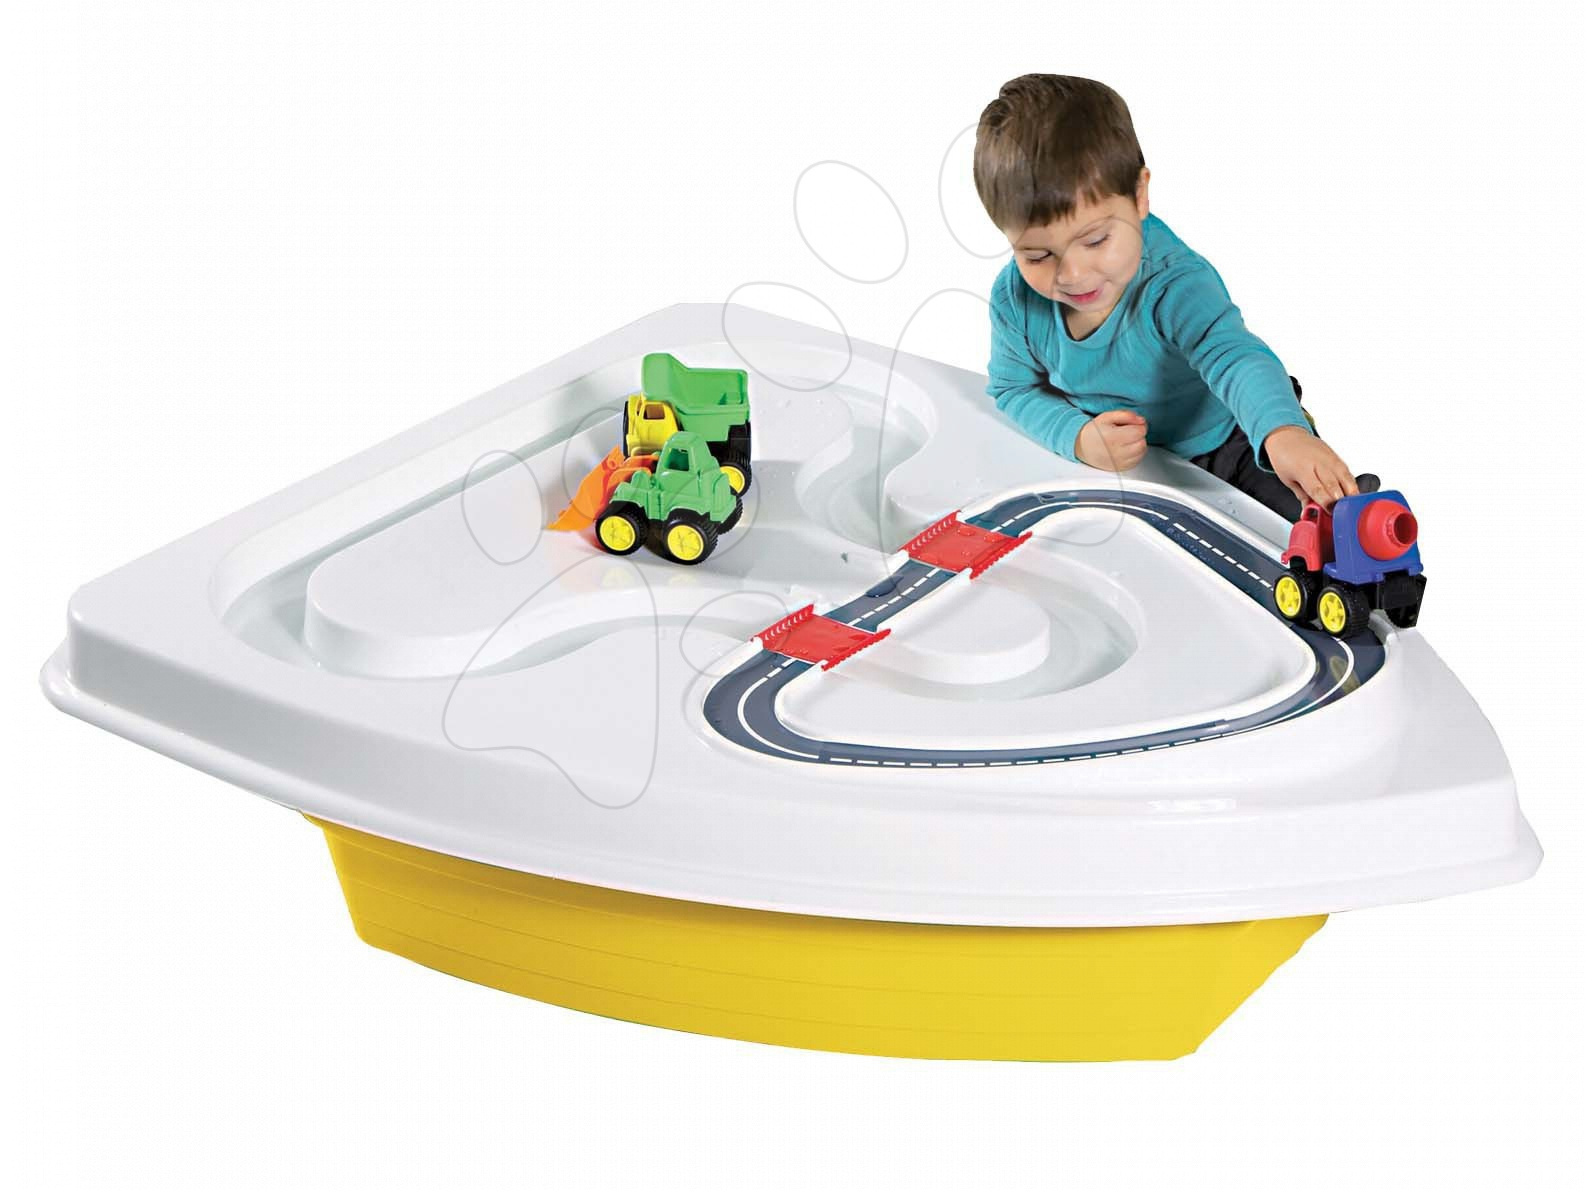 Pieskoviská pre deti - Pieskovisko loďka Starplast s krytom objem 130 litrov žlto-biele od 24 mes